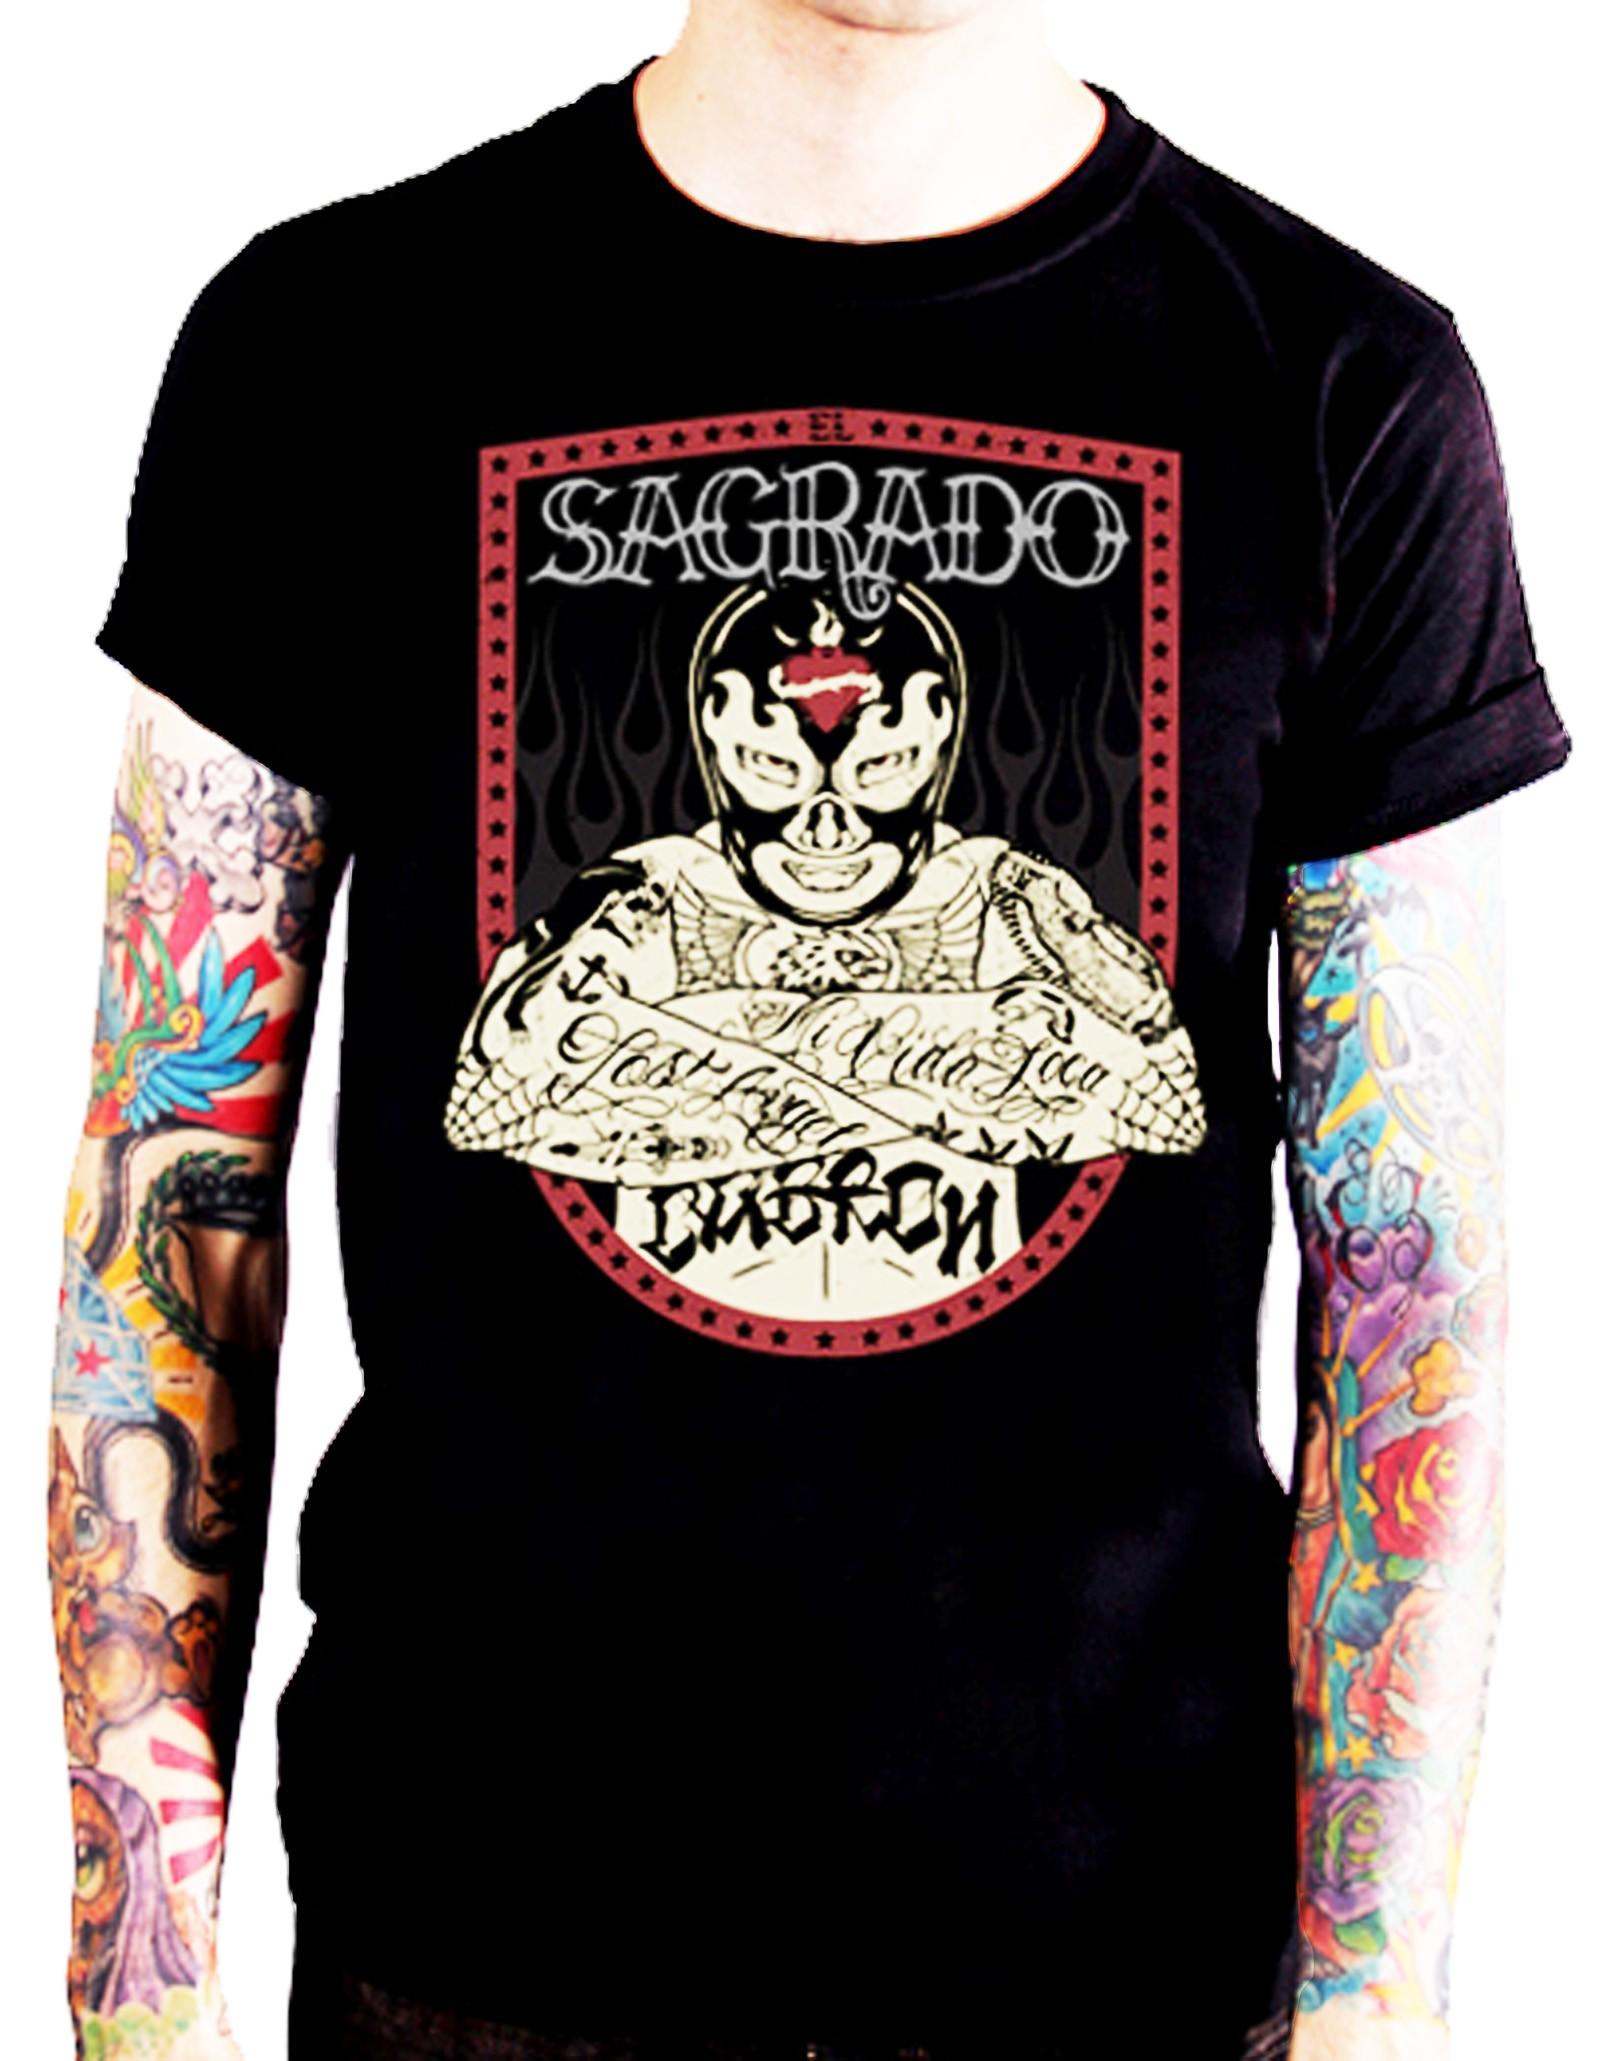 La Marca Del Diablo - Sagrado T-Shirt Front